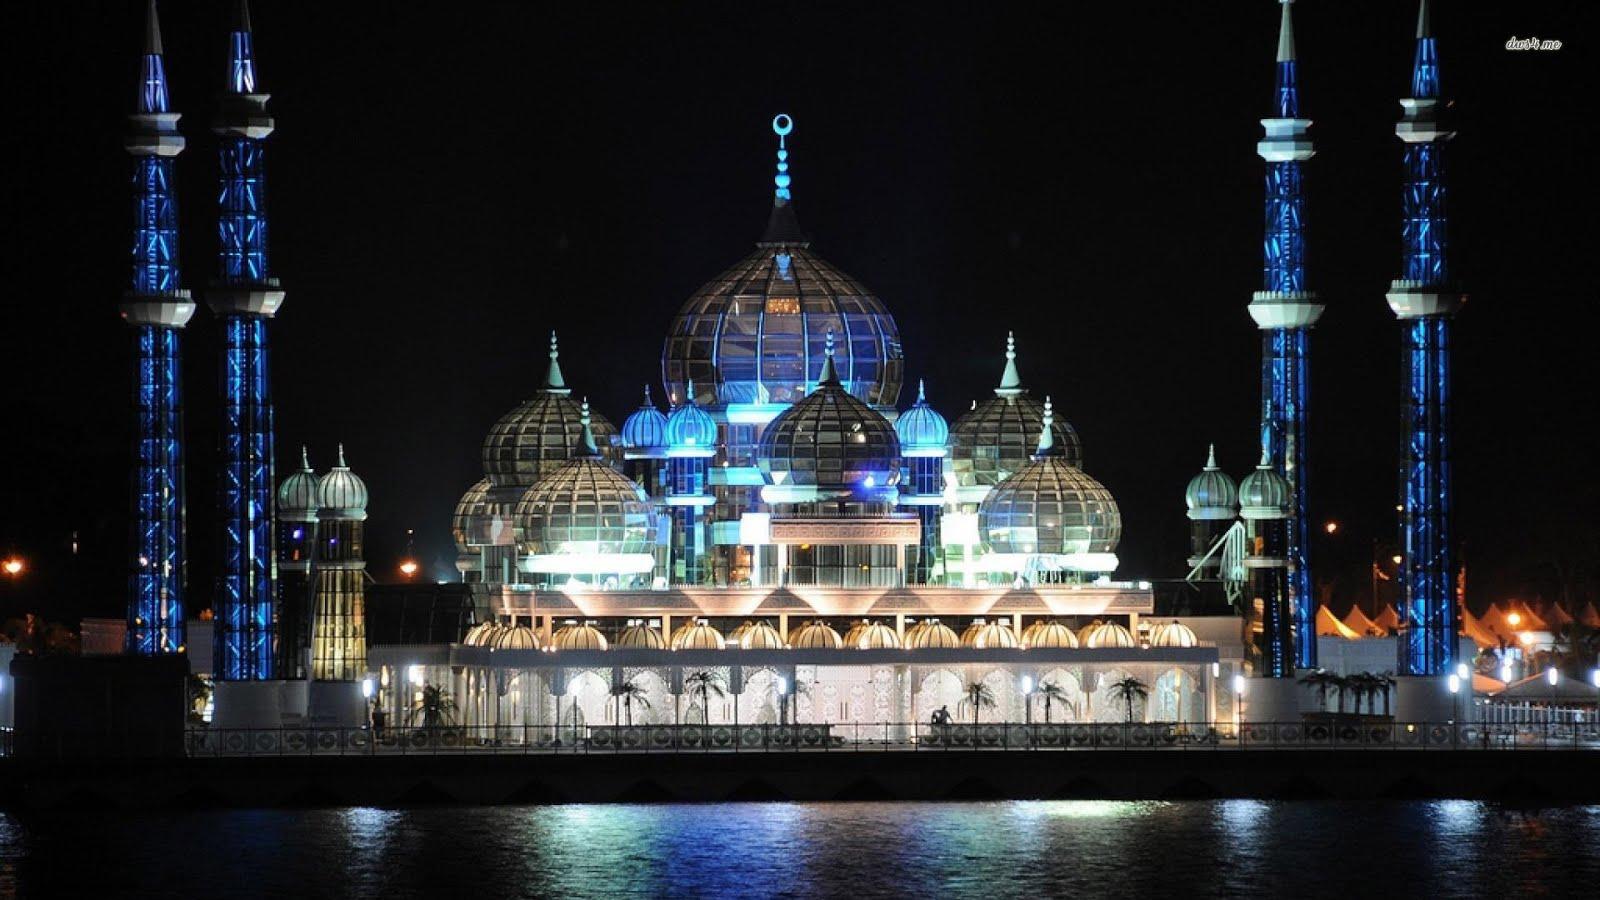 http://3.bp.blogspot.com/-ozxkD8KYBnQ/UHuRgTfkvjI/AAAAAAAADpw/5n-B7EywvPE/s1600/4938-crystal-mosque-trigano-county-malaysia-1920x1080-world-wallpaper.jpg